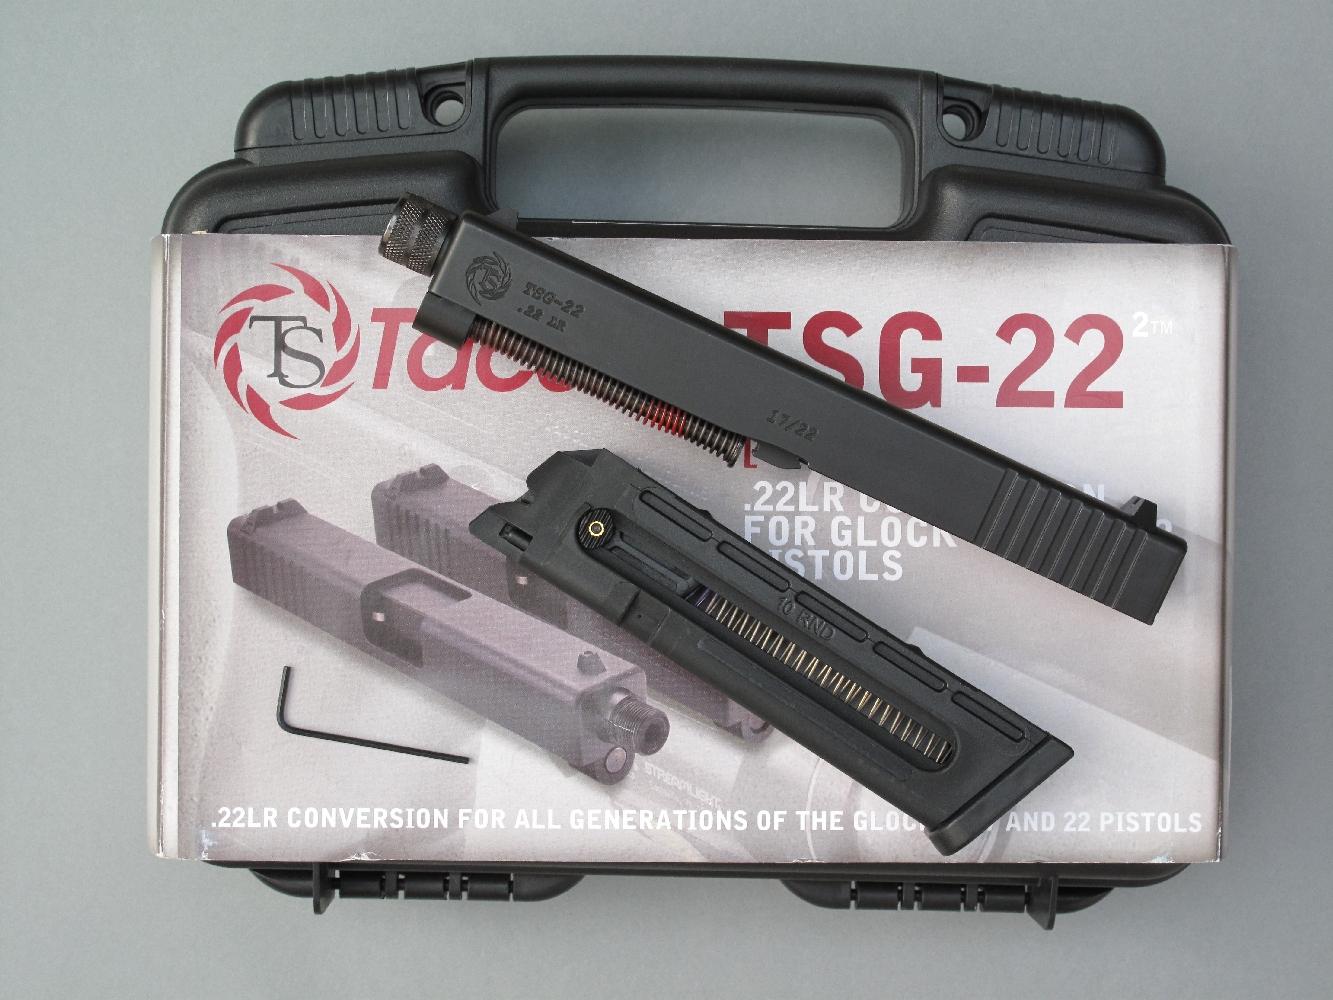 Le kit de conversion, qui est livré dans une mallette de transport en matière plastique garnie de mousse, se compose d'un ensemble en acier (culasse à glissière, canon, ressort récupérateur avec sa tige-guide) et d'un chargeur en polymère.